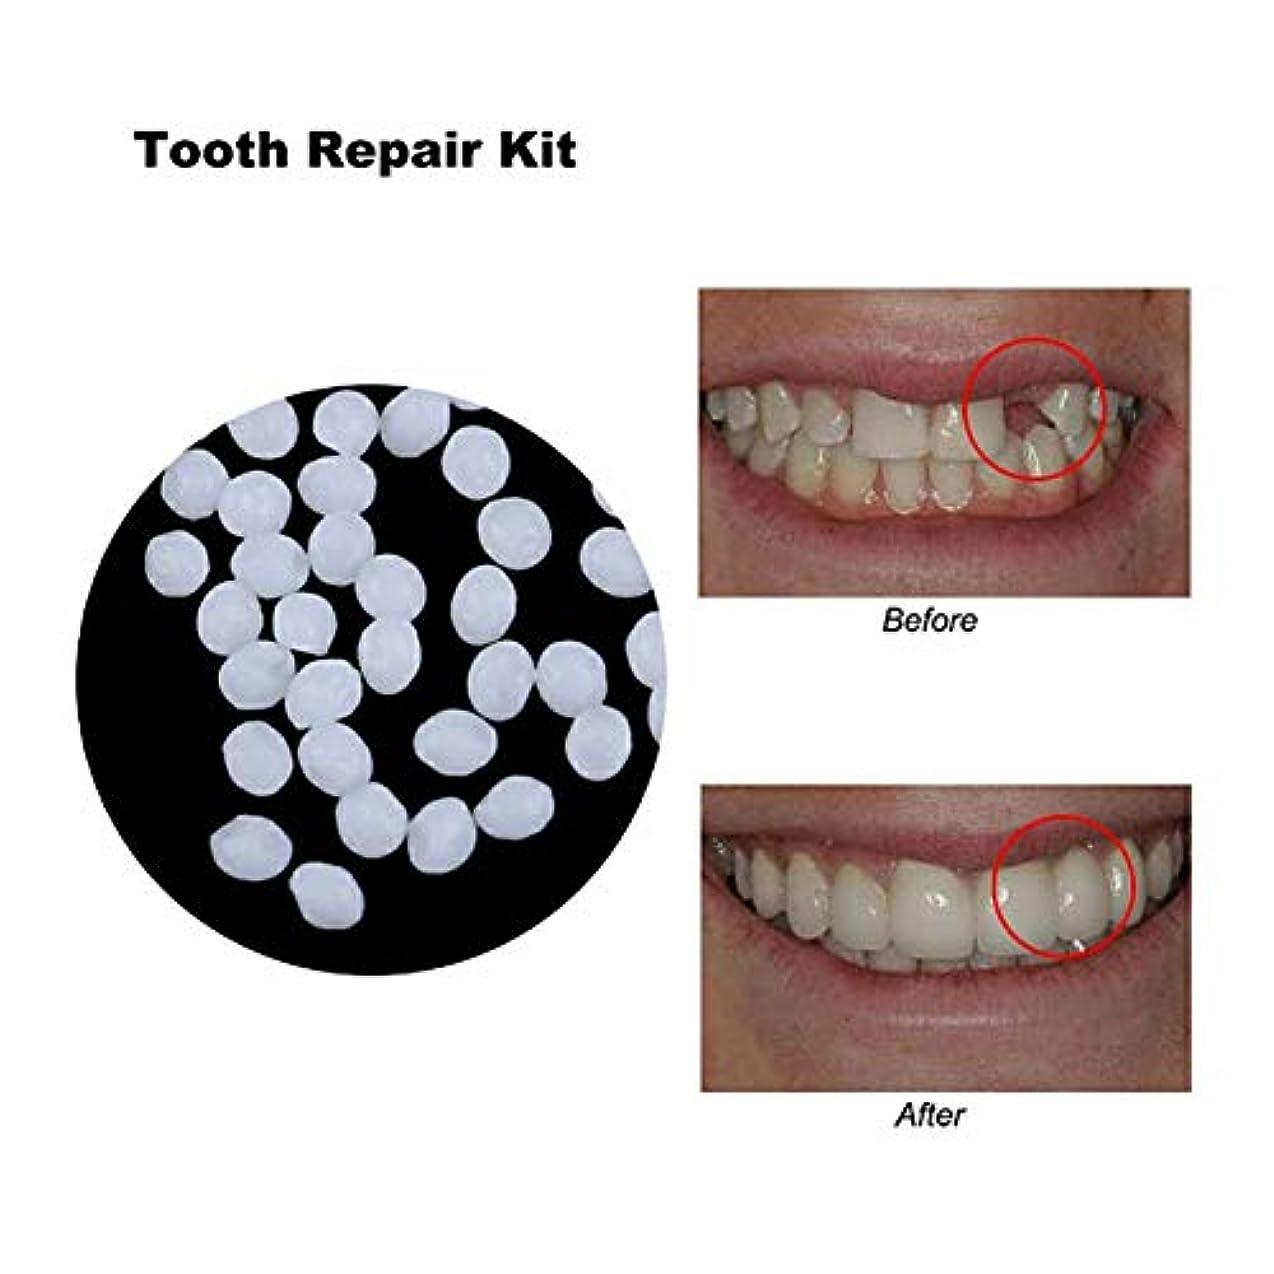 キャスト亜熱帯雑草偽歯固体接着剤 - 樹脂の歯とギャップのための一時的な化粧品の歯の修復キットクリエイティブ義歯接着剤,20ml20g